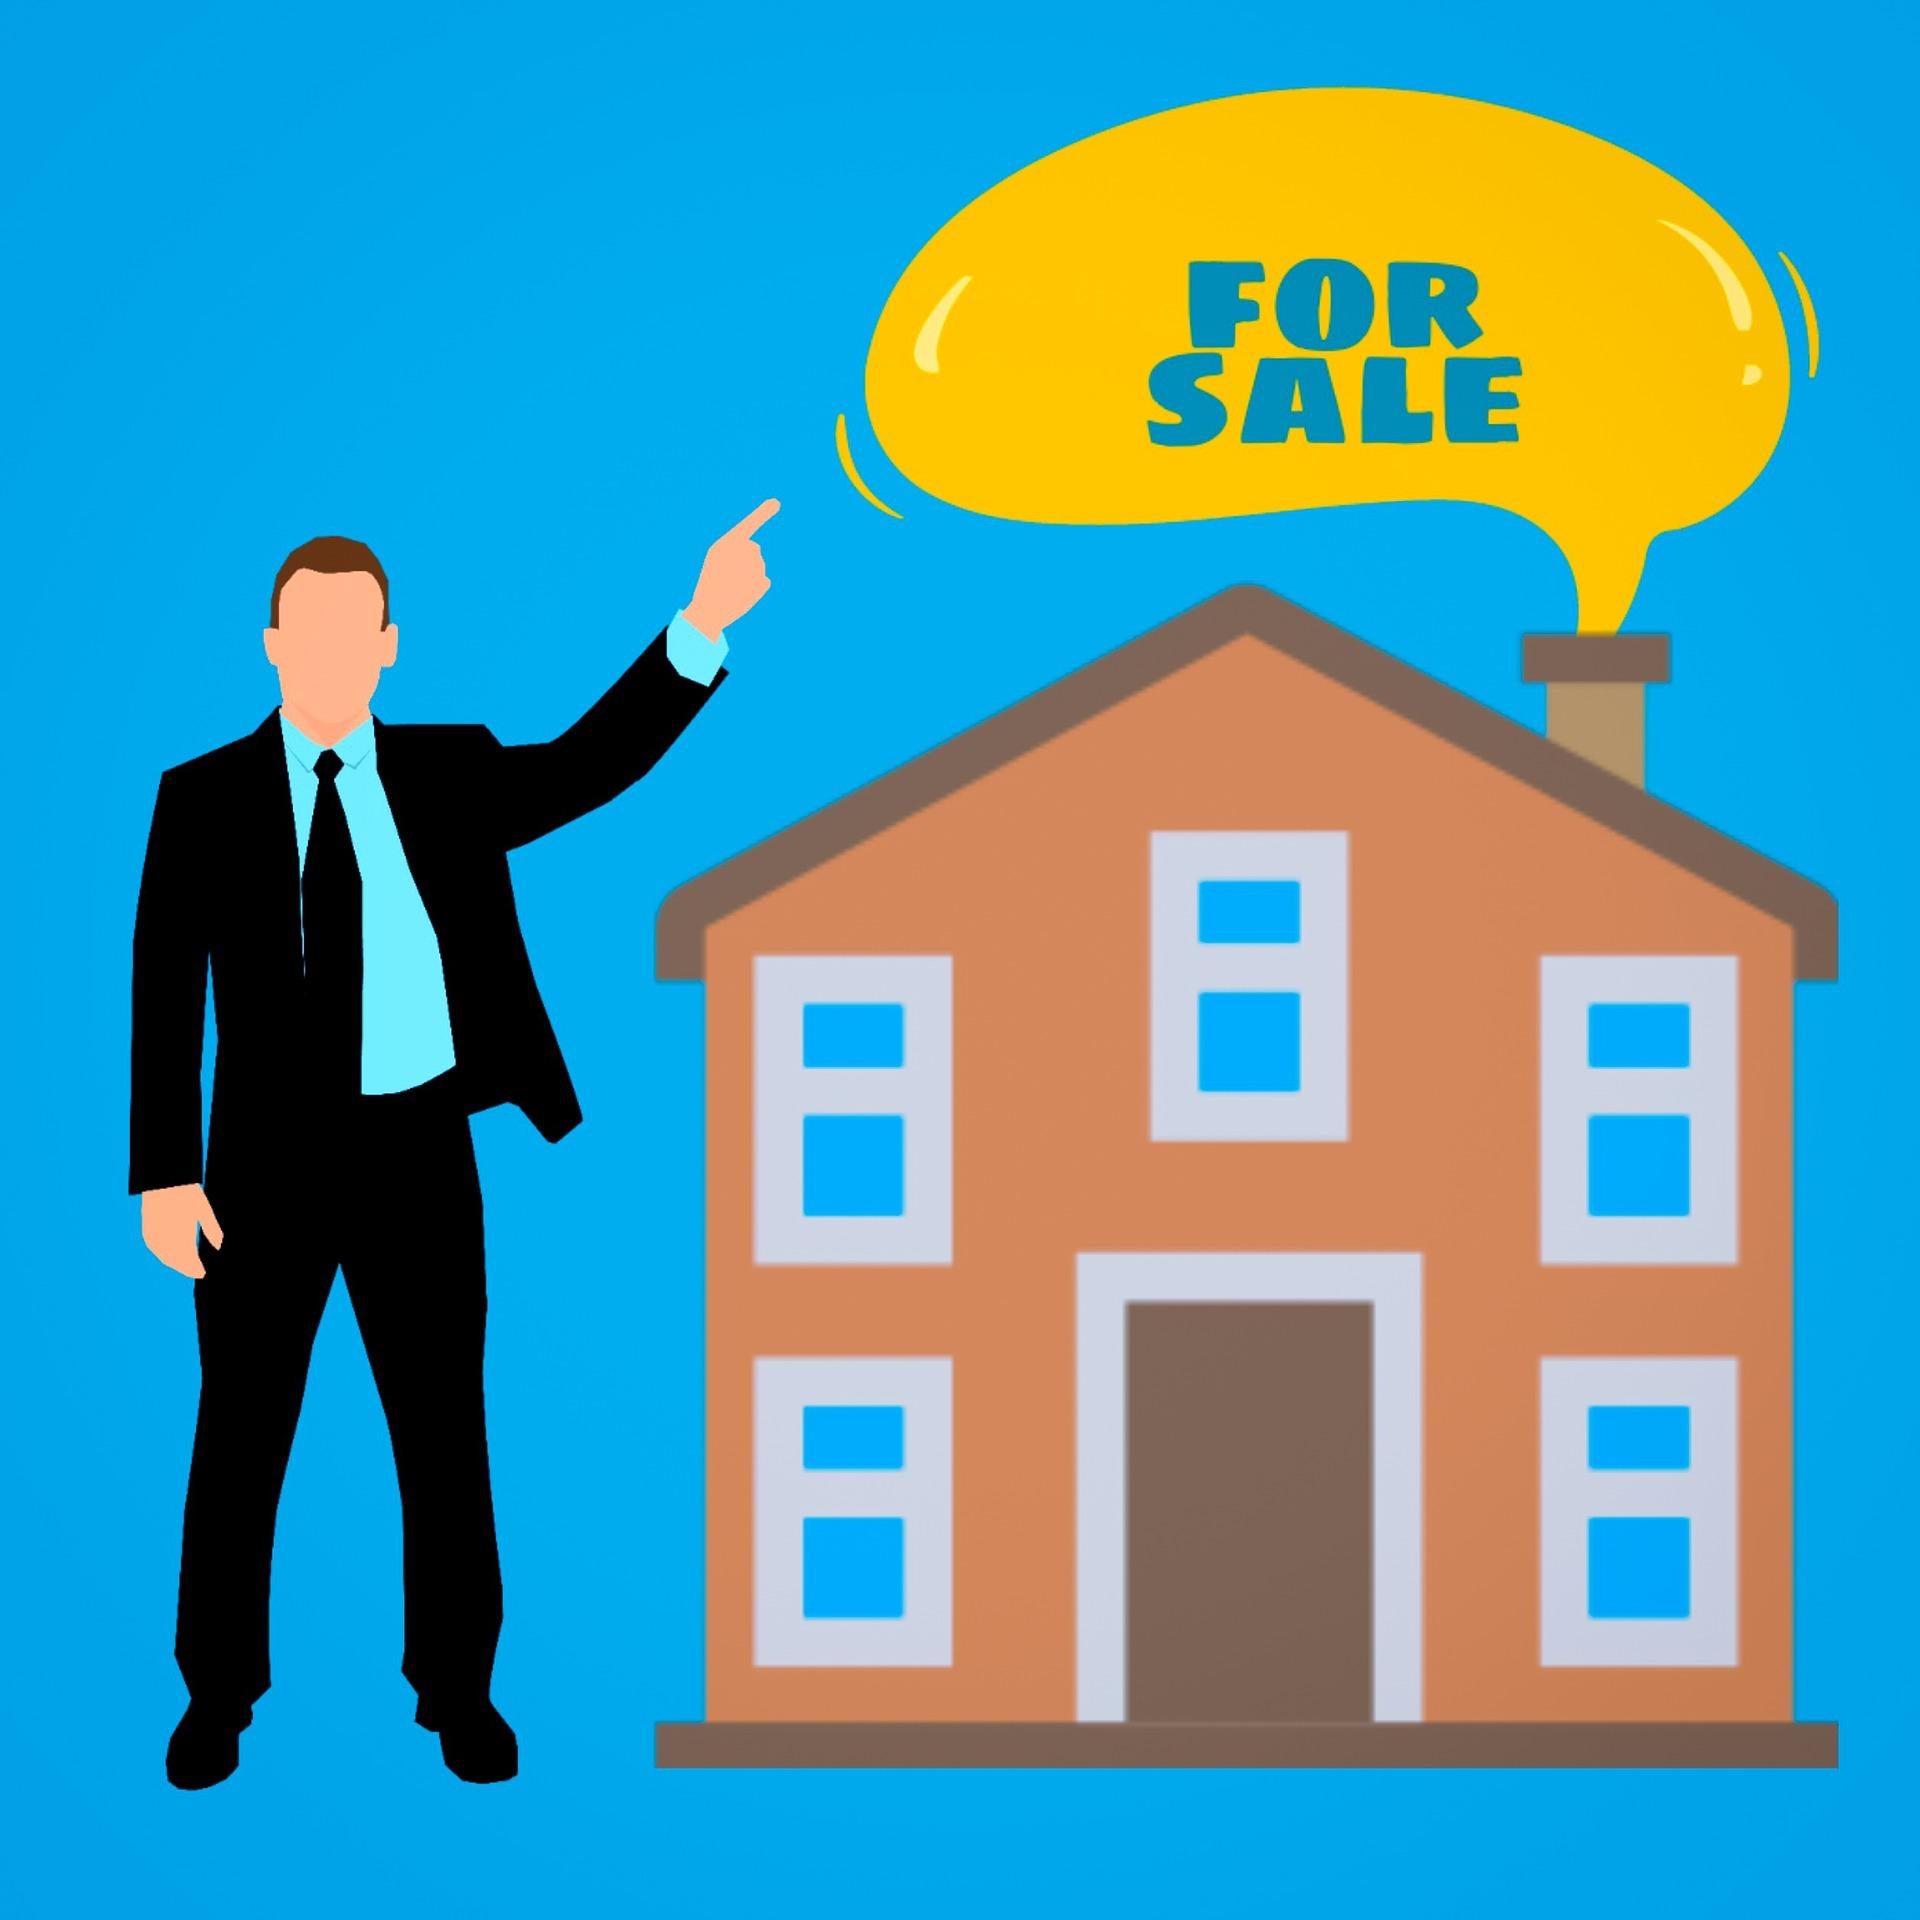 Flipping Real Estate | Making Real Estate Fun